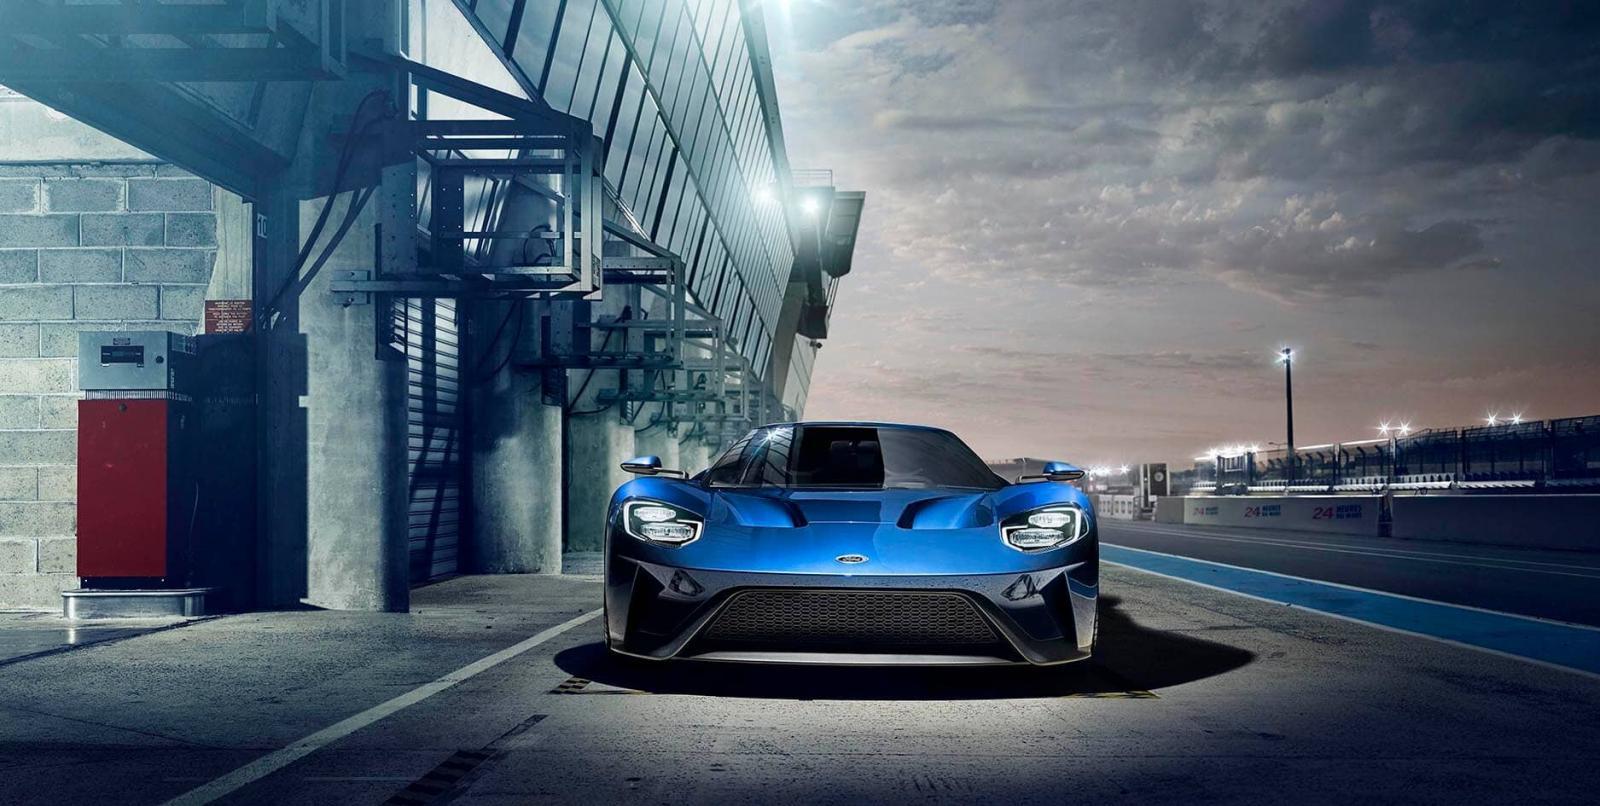 El Ford GT 2020 precio en México es un auto muy exclusivo y cargado de una gran historia